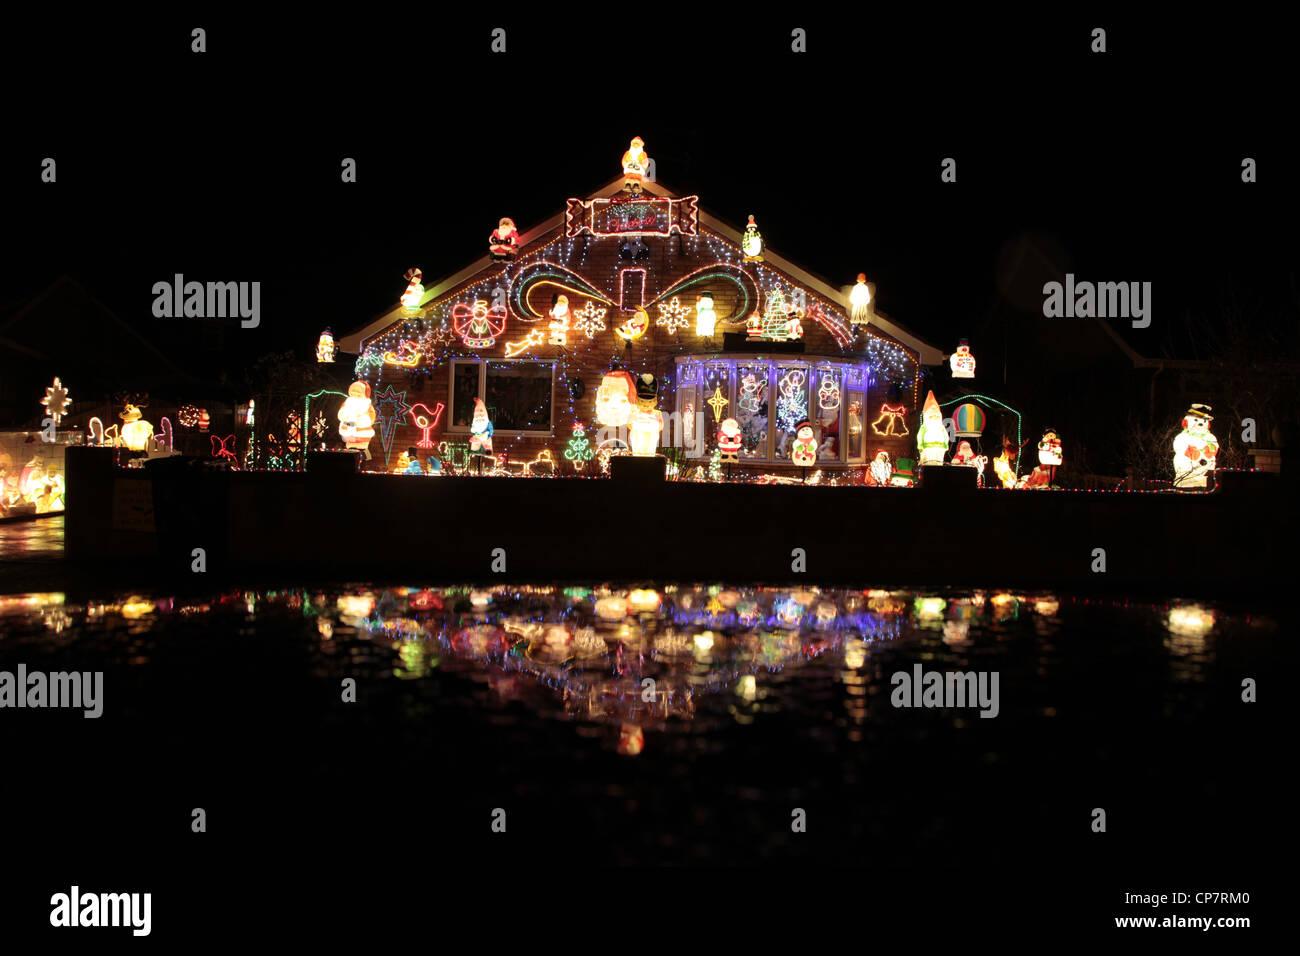 Las luces de Navidad en BUNGALOW RILLINGTON Yorkshire del norte el 30 de diciembre de 2011 Imagen De Stock